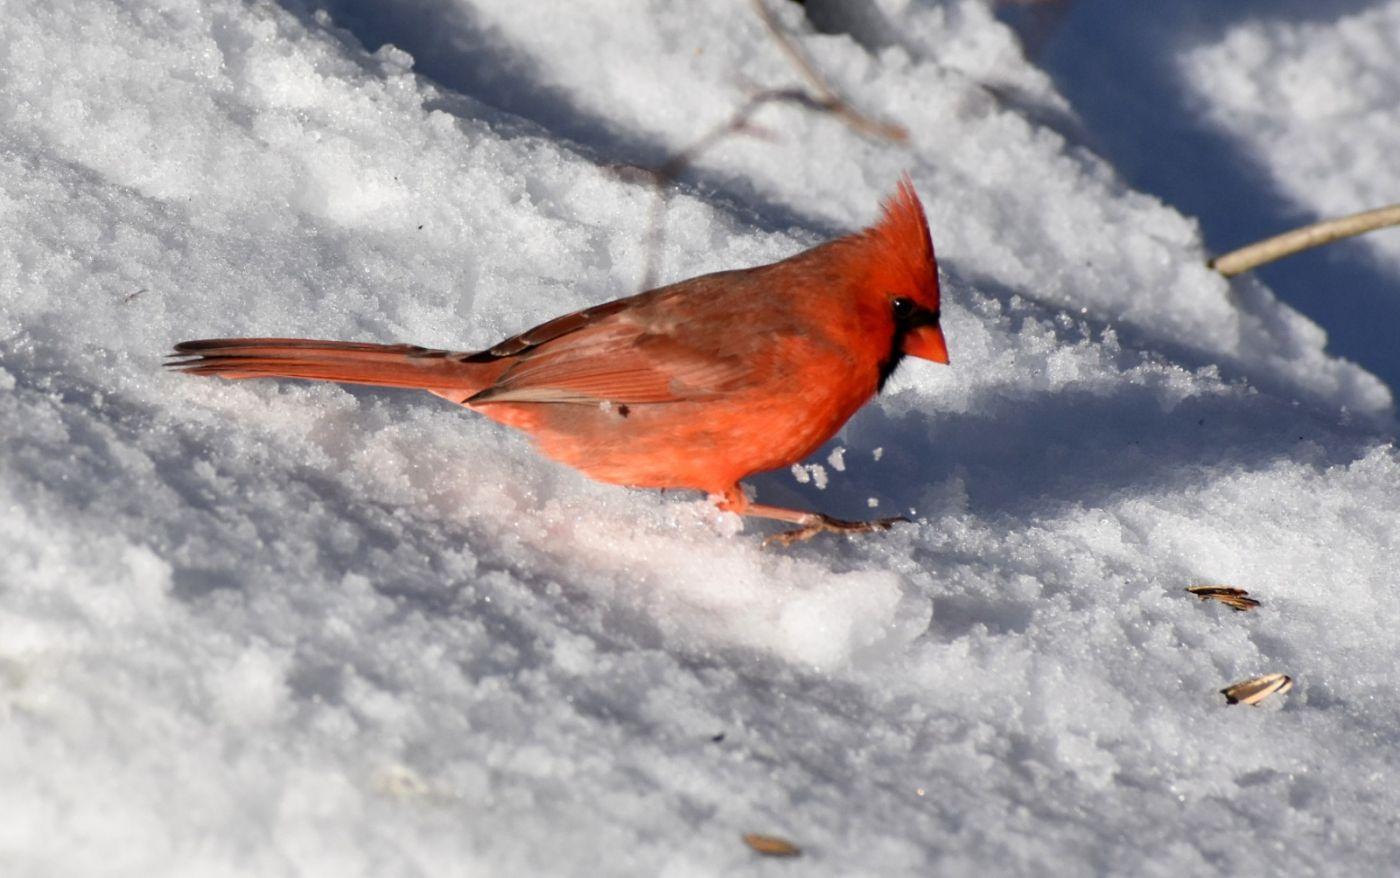 雪后鸟儿忙觅食_图1-9